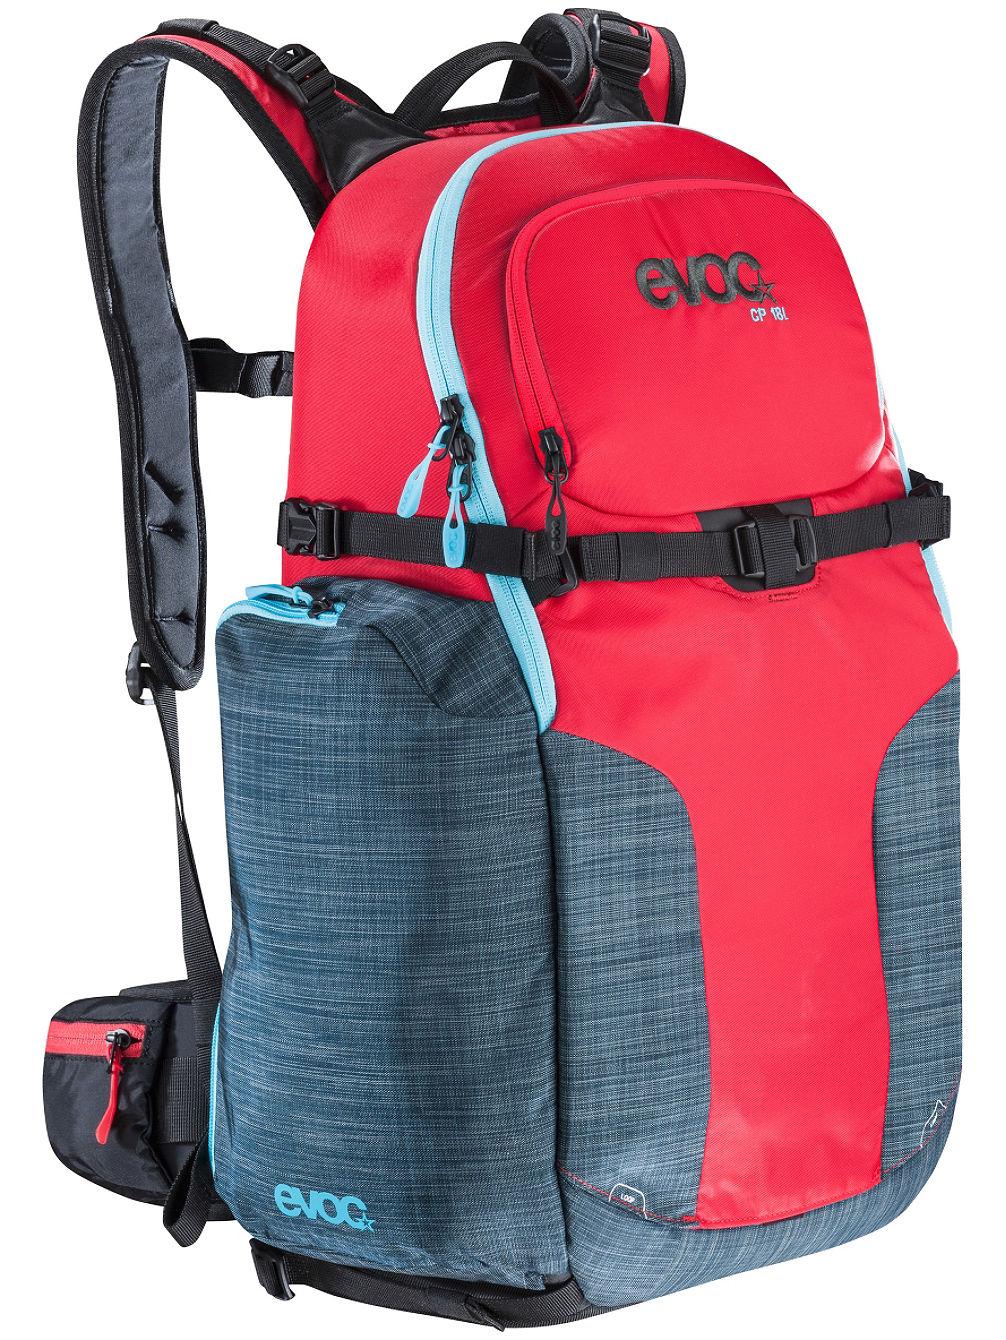 Evoc Camera 18L Backpack Rosso- evoc - blue-tomato.com